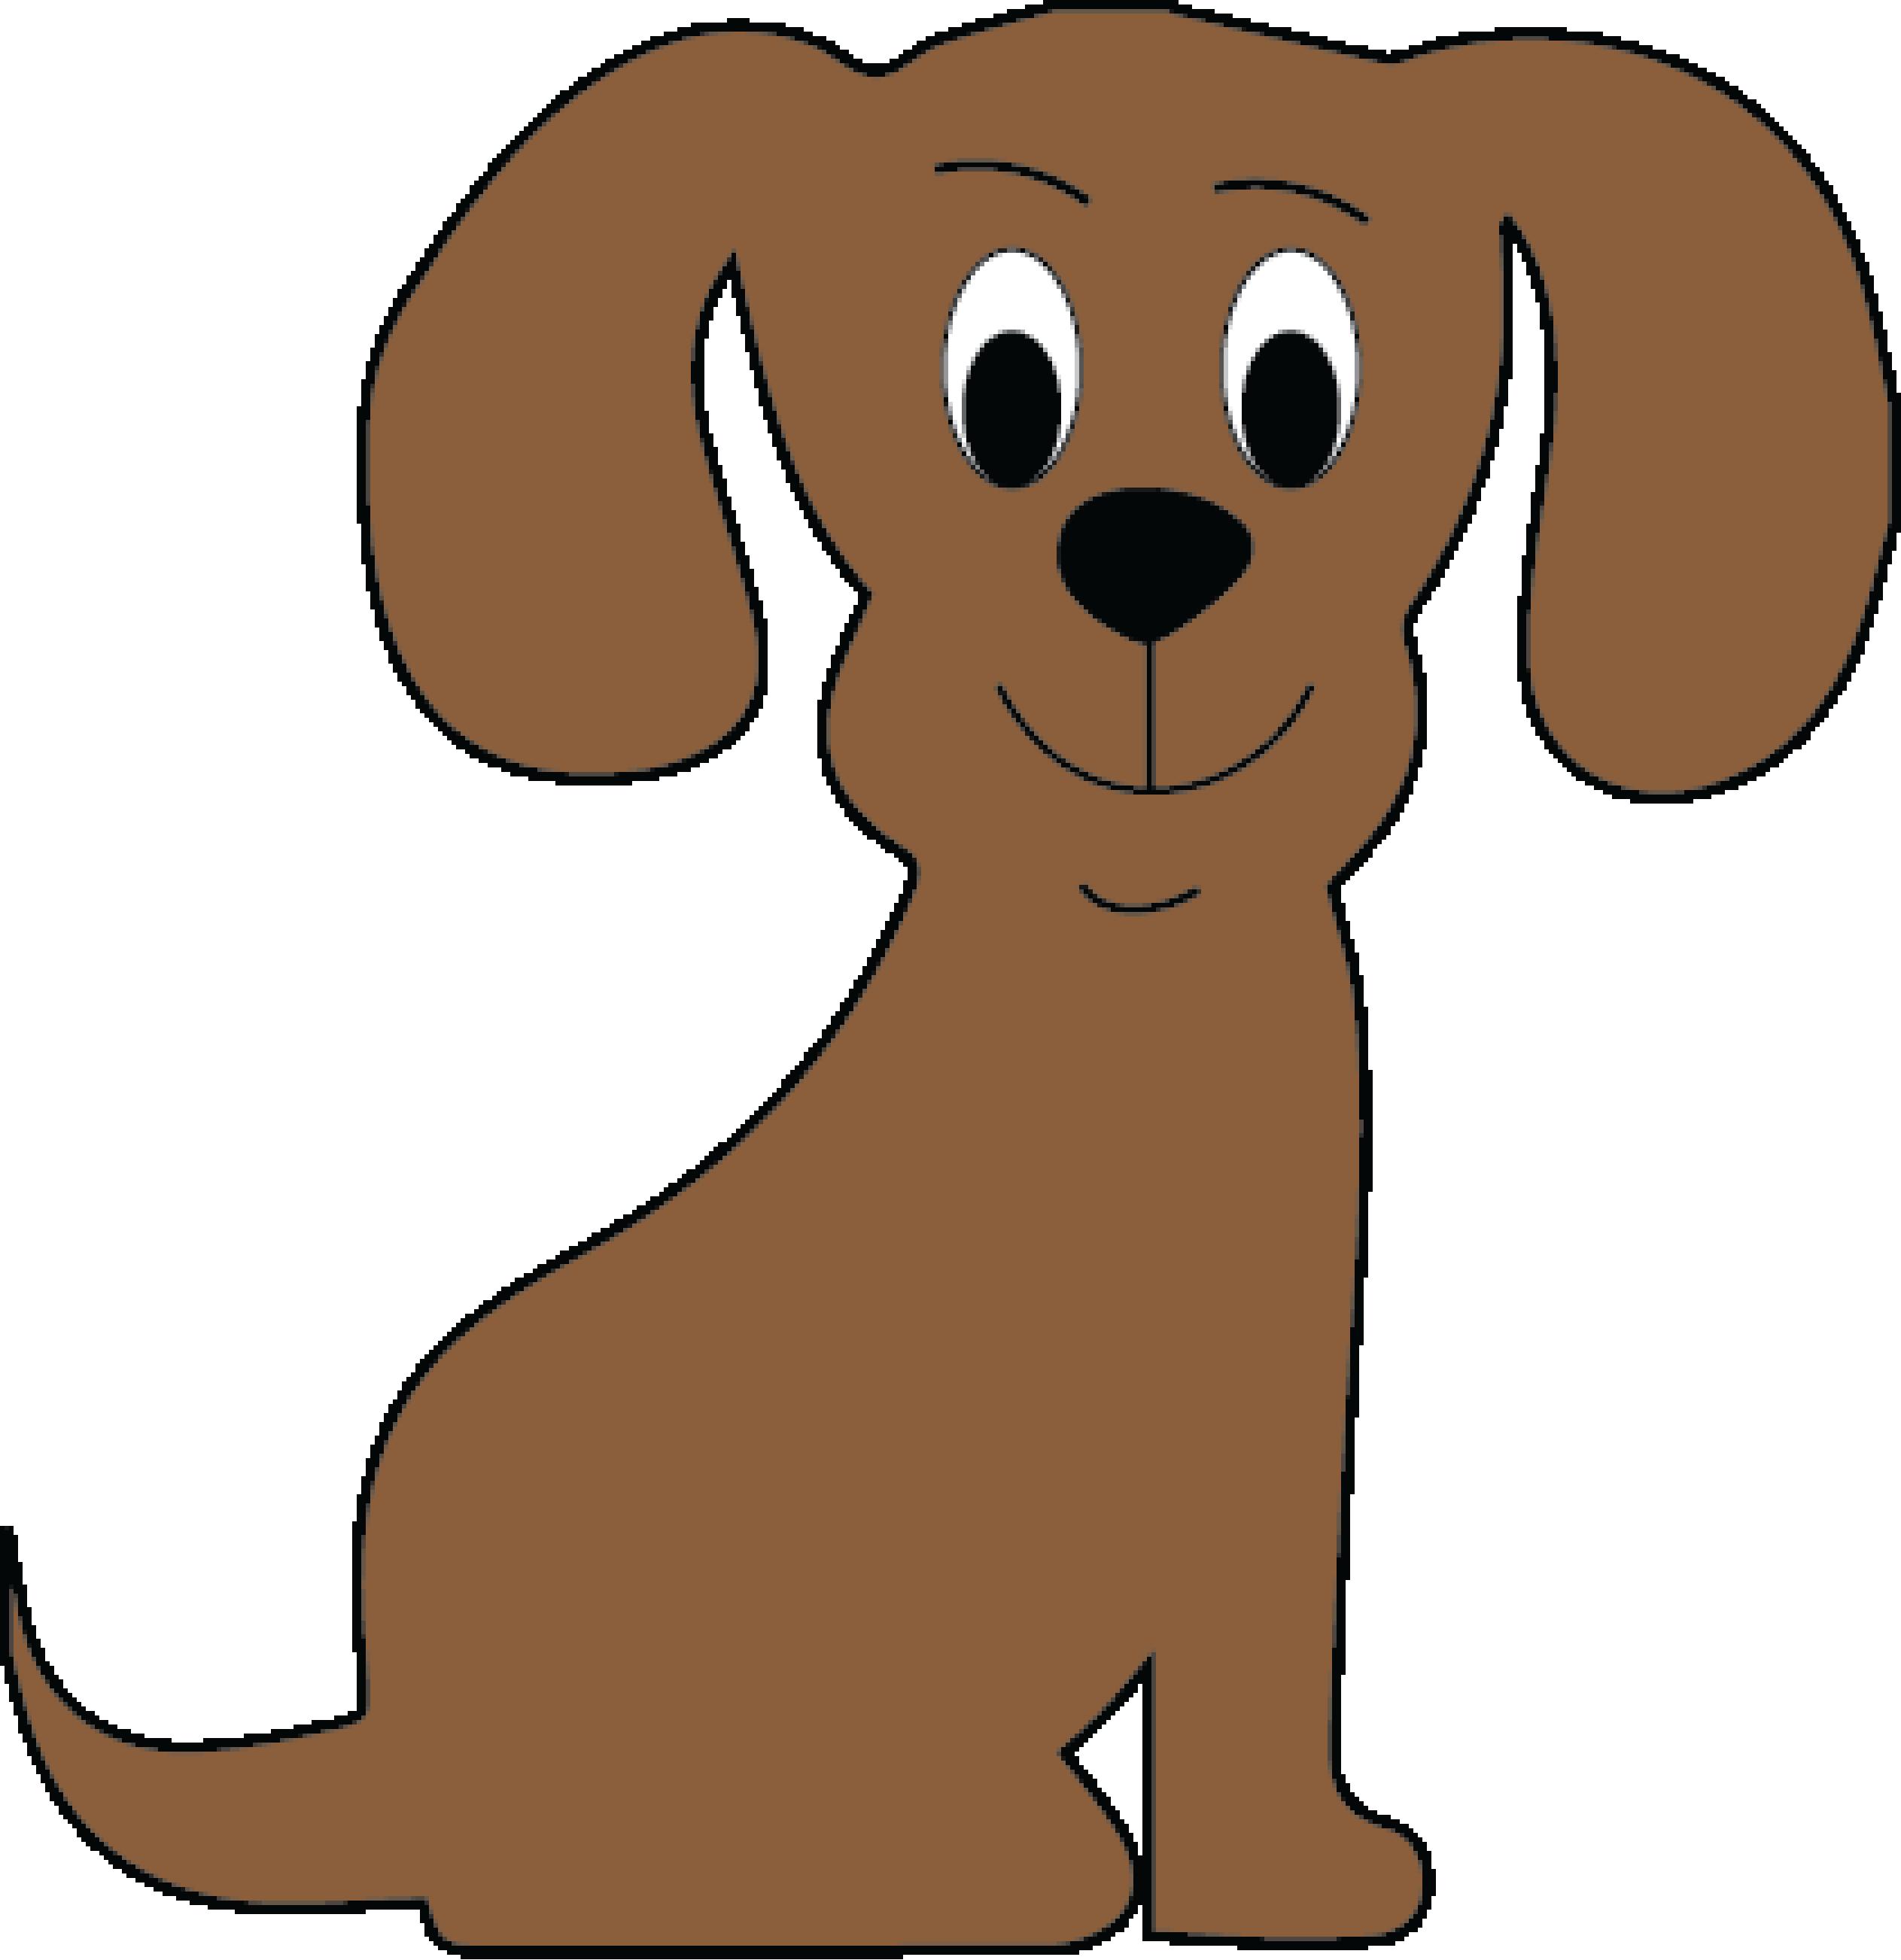 Animated Dog PNG - 158742